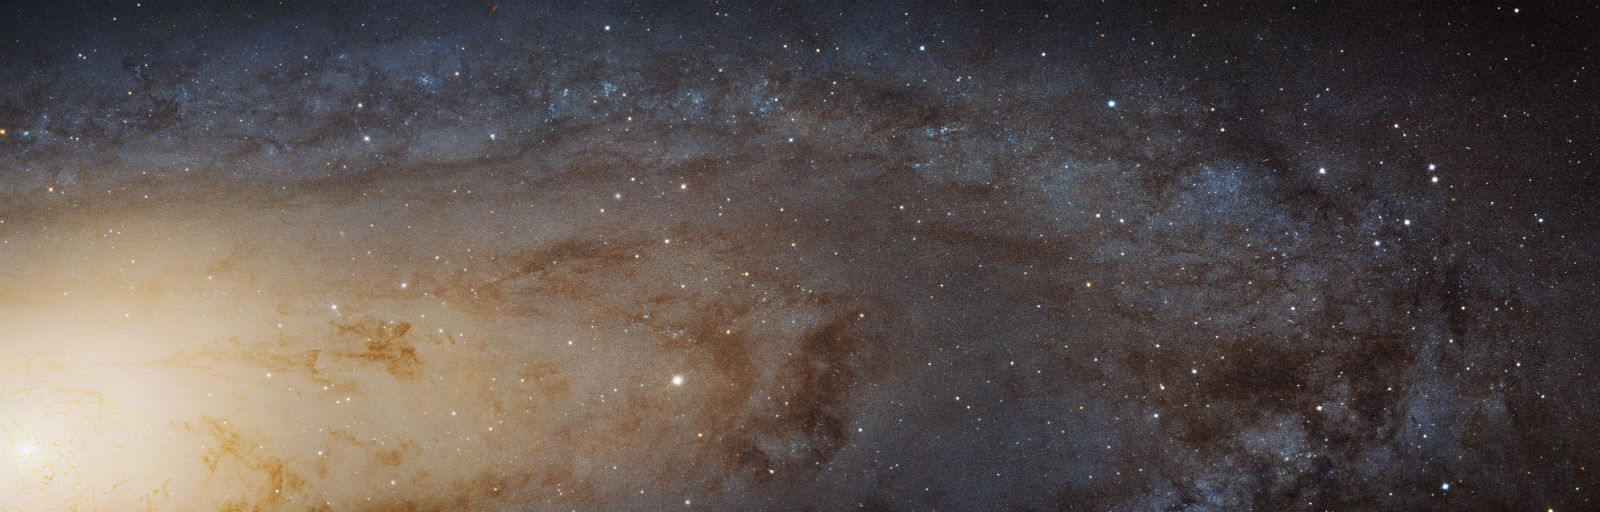 (NASA,ESA,J. Dalcanton University of Washington; B. F. Williams, University of Washington; L. C. Johnson, University of Washington; the PHAT team; and R. Gendler)